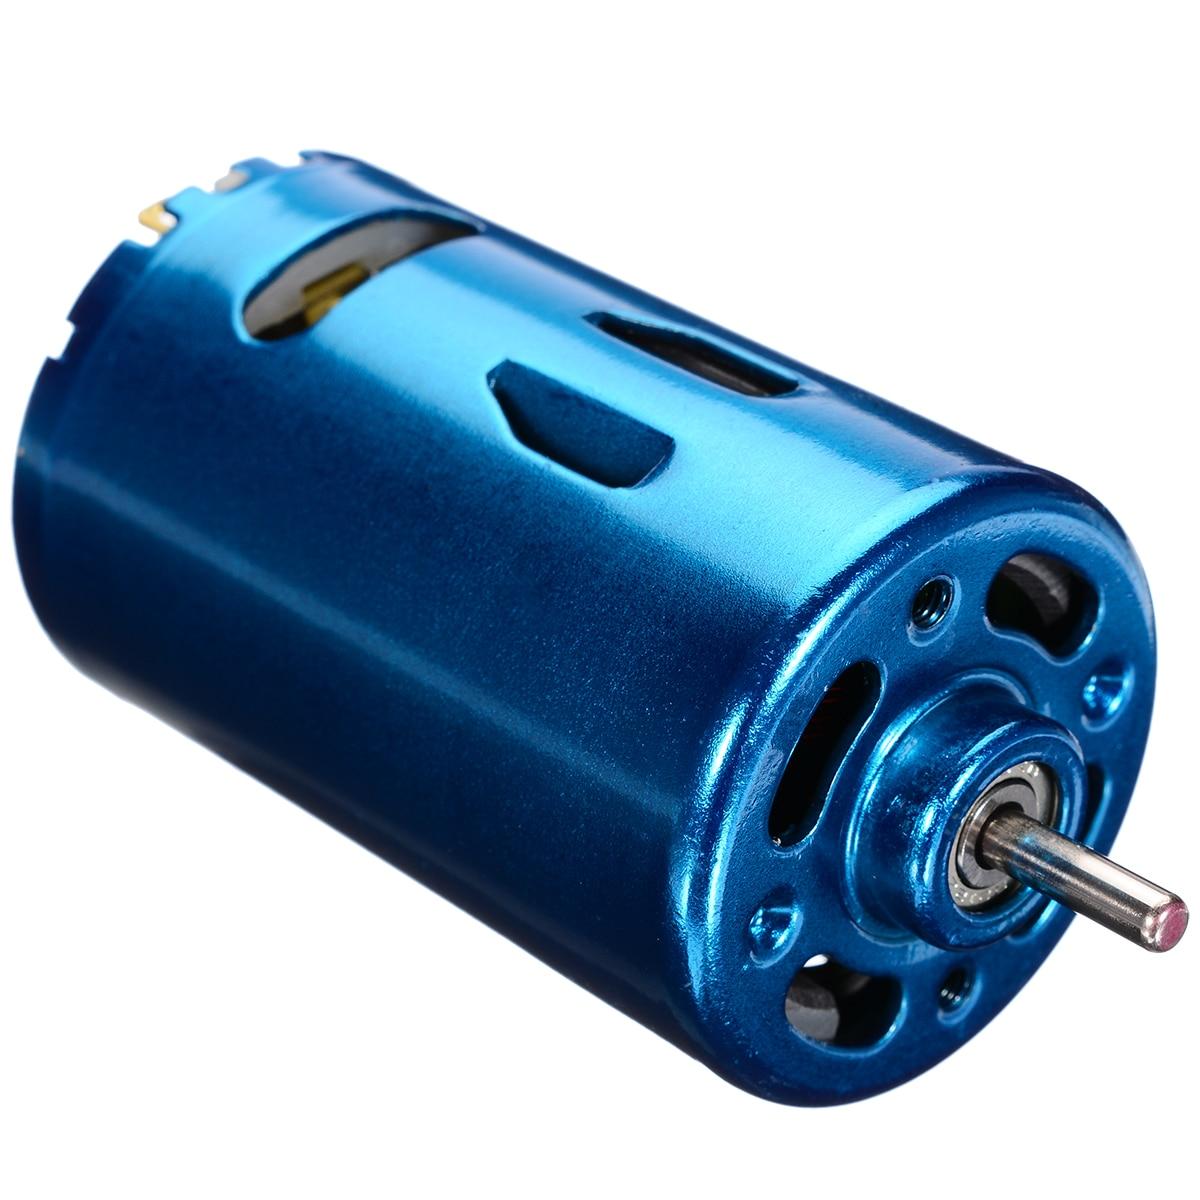 1 ud. RS-550 azul DC Motor de alta velocidad alto par RC coche barco modelo 12V 24V 30000RPM